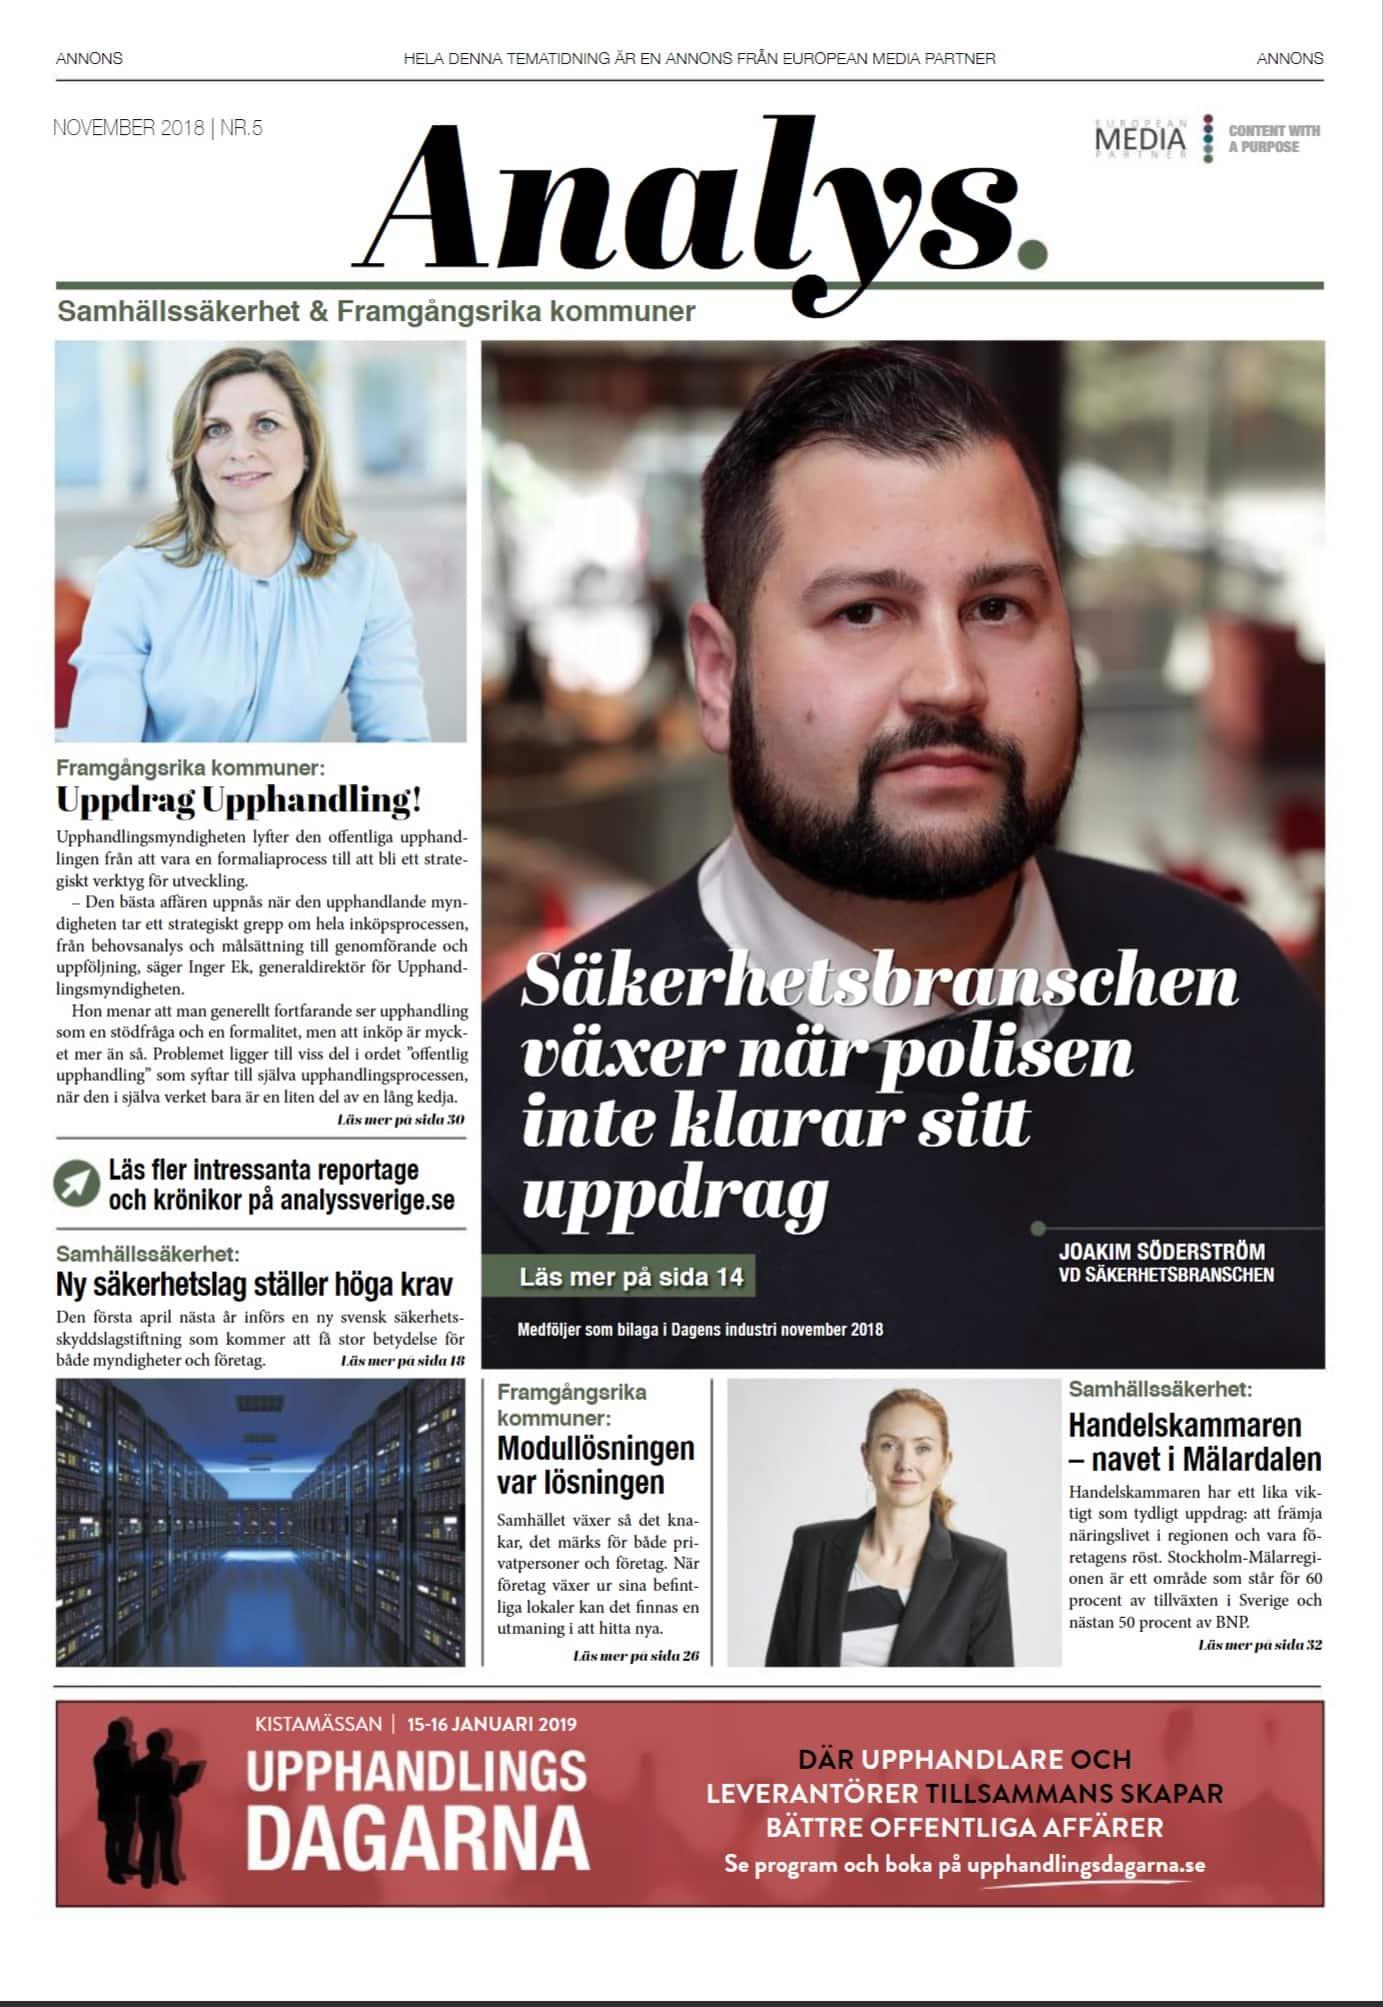 INTERVJU MED SÄKERHETSBRANSCHEN